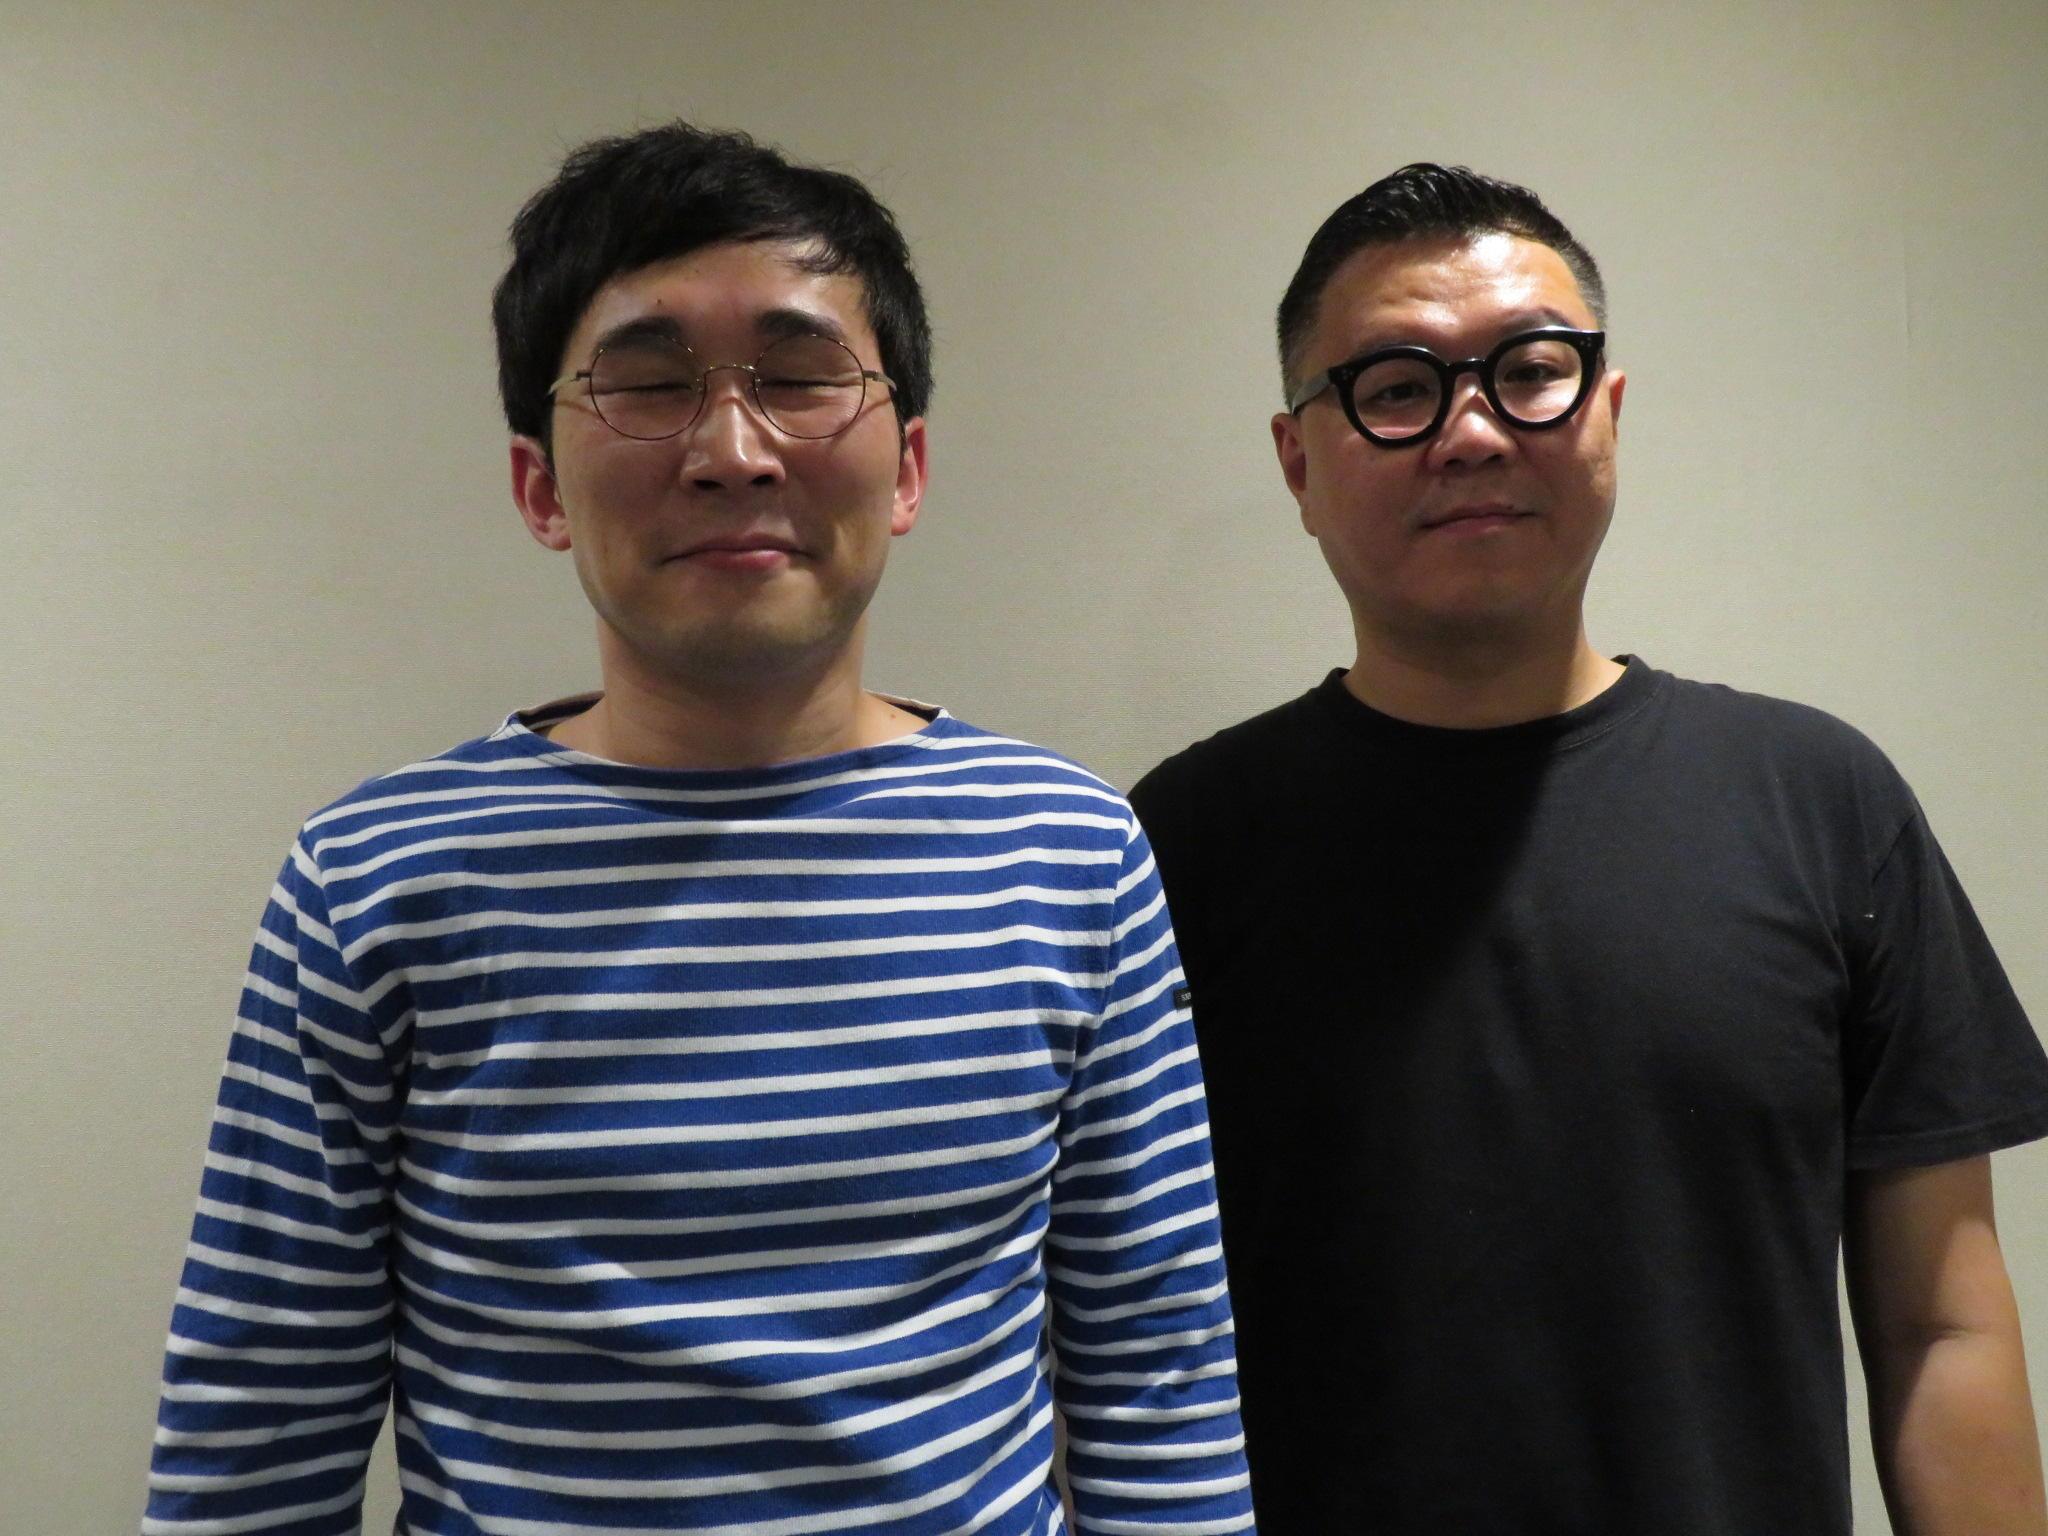 http://news.yoshimoto.co.jp/20190202191832-fd7d3cfa7372722e78098a3accb8eded80833932.jpg